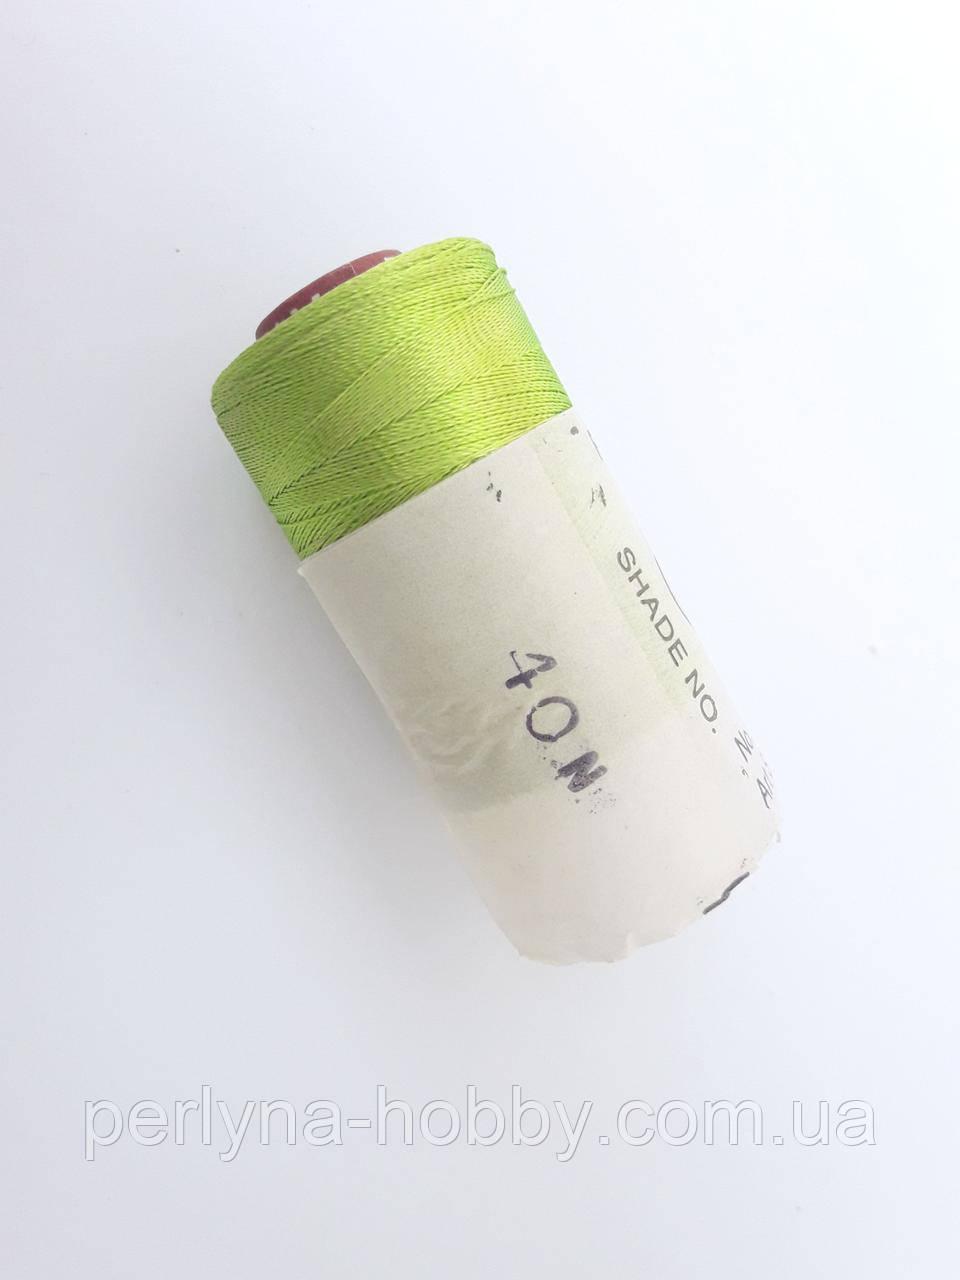 Нитки шовкові ( віскоза ) для вишивання, для  ручної роботи, 23 грам. Індія. Салатовий ( з жовтизною) № 40N